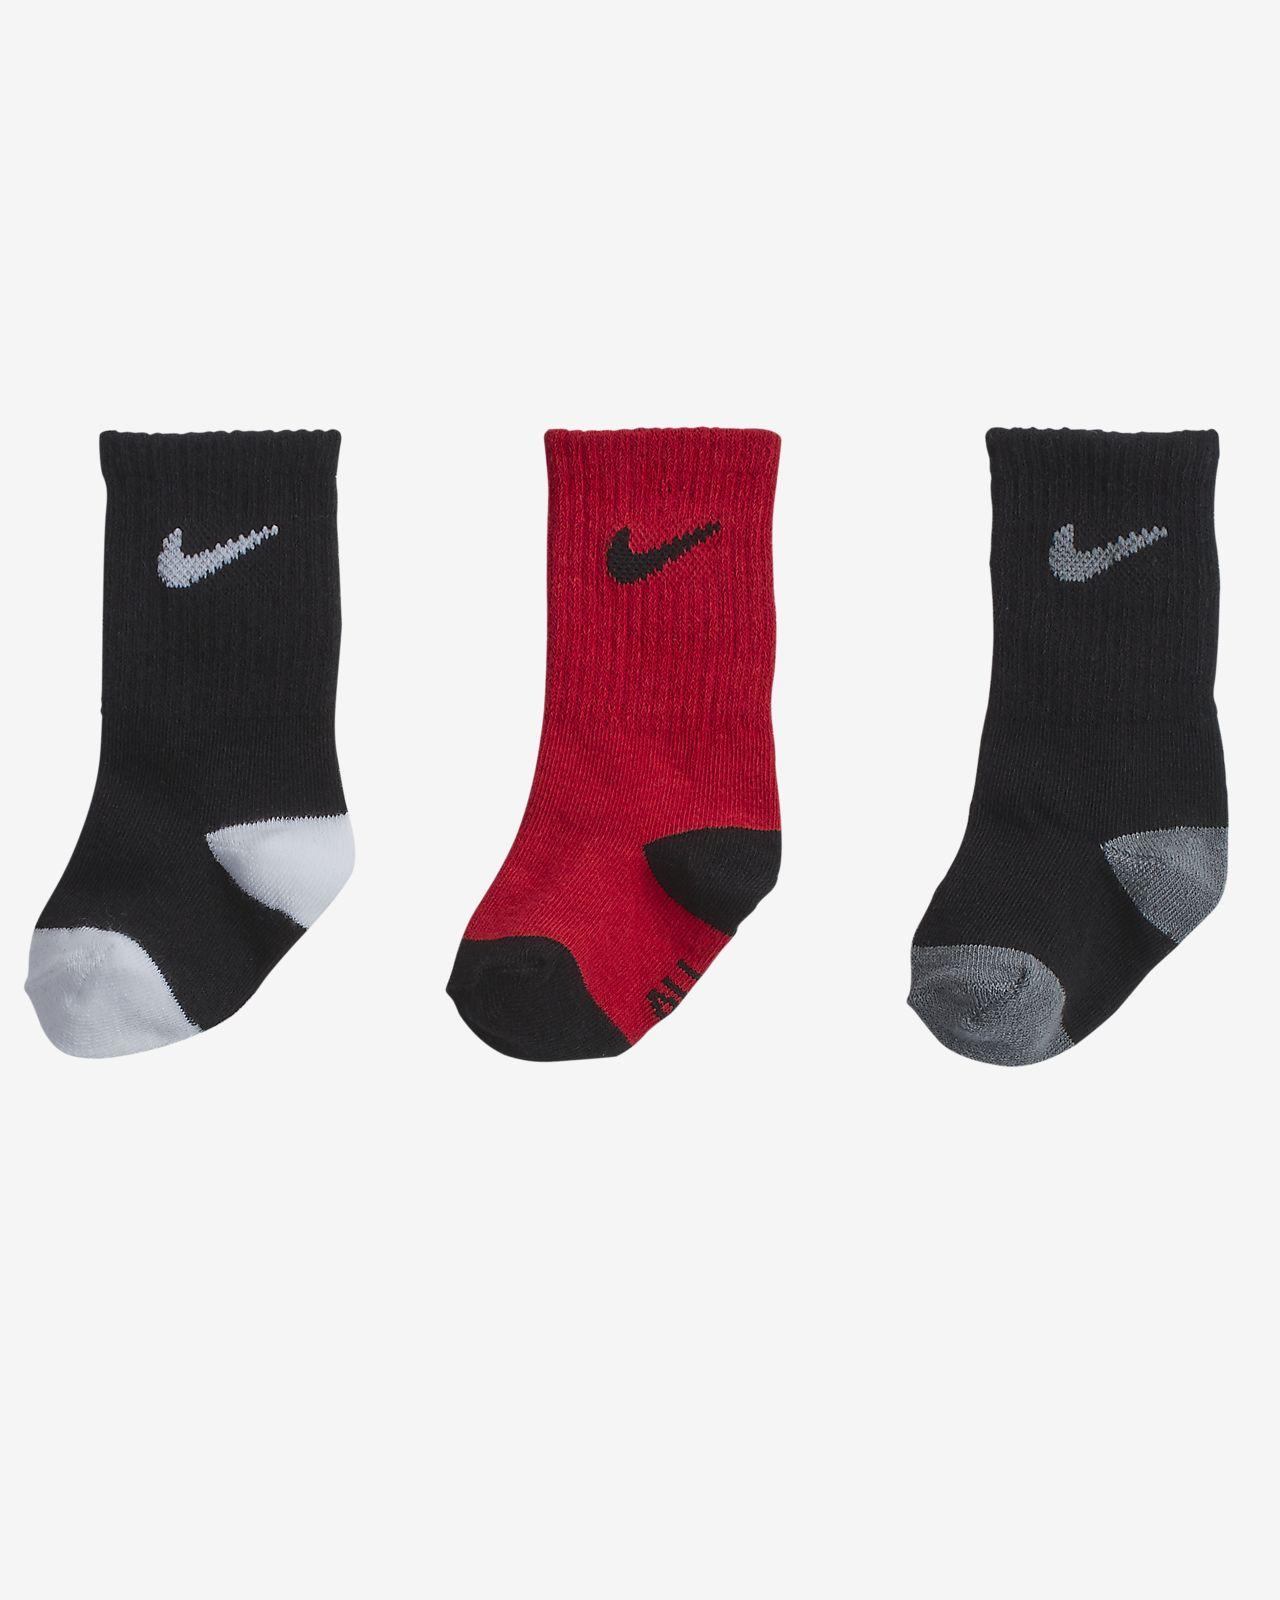 Nike Toddler Crew Socks (3 Pairs)